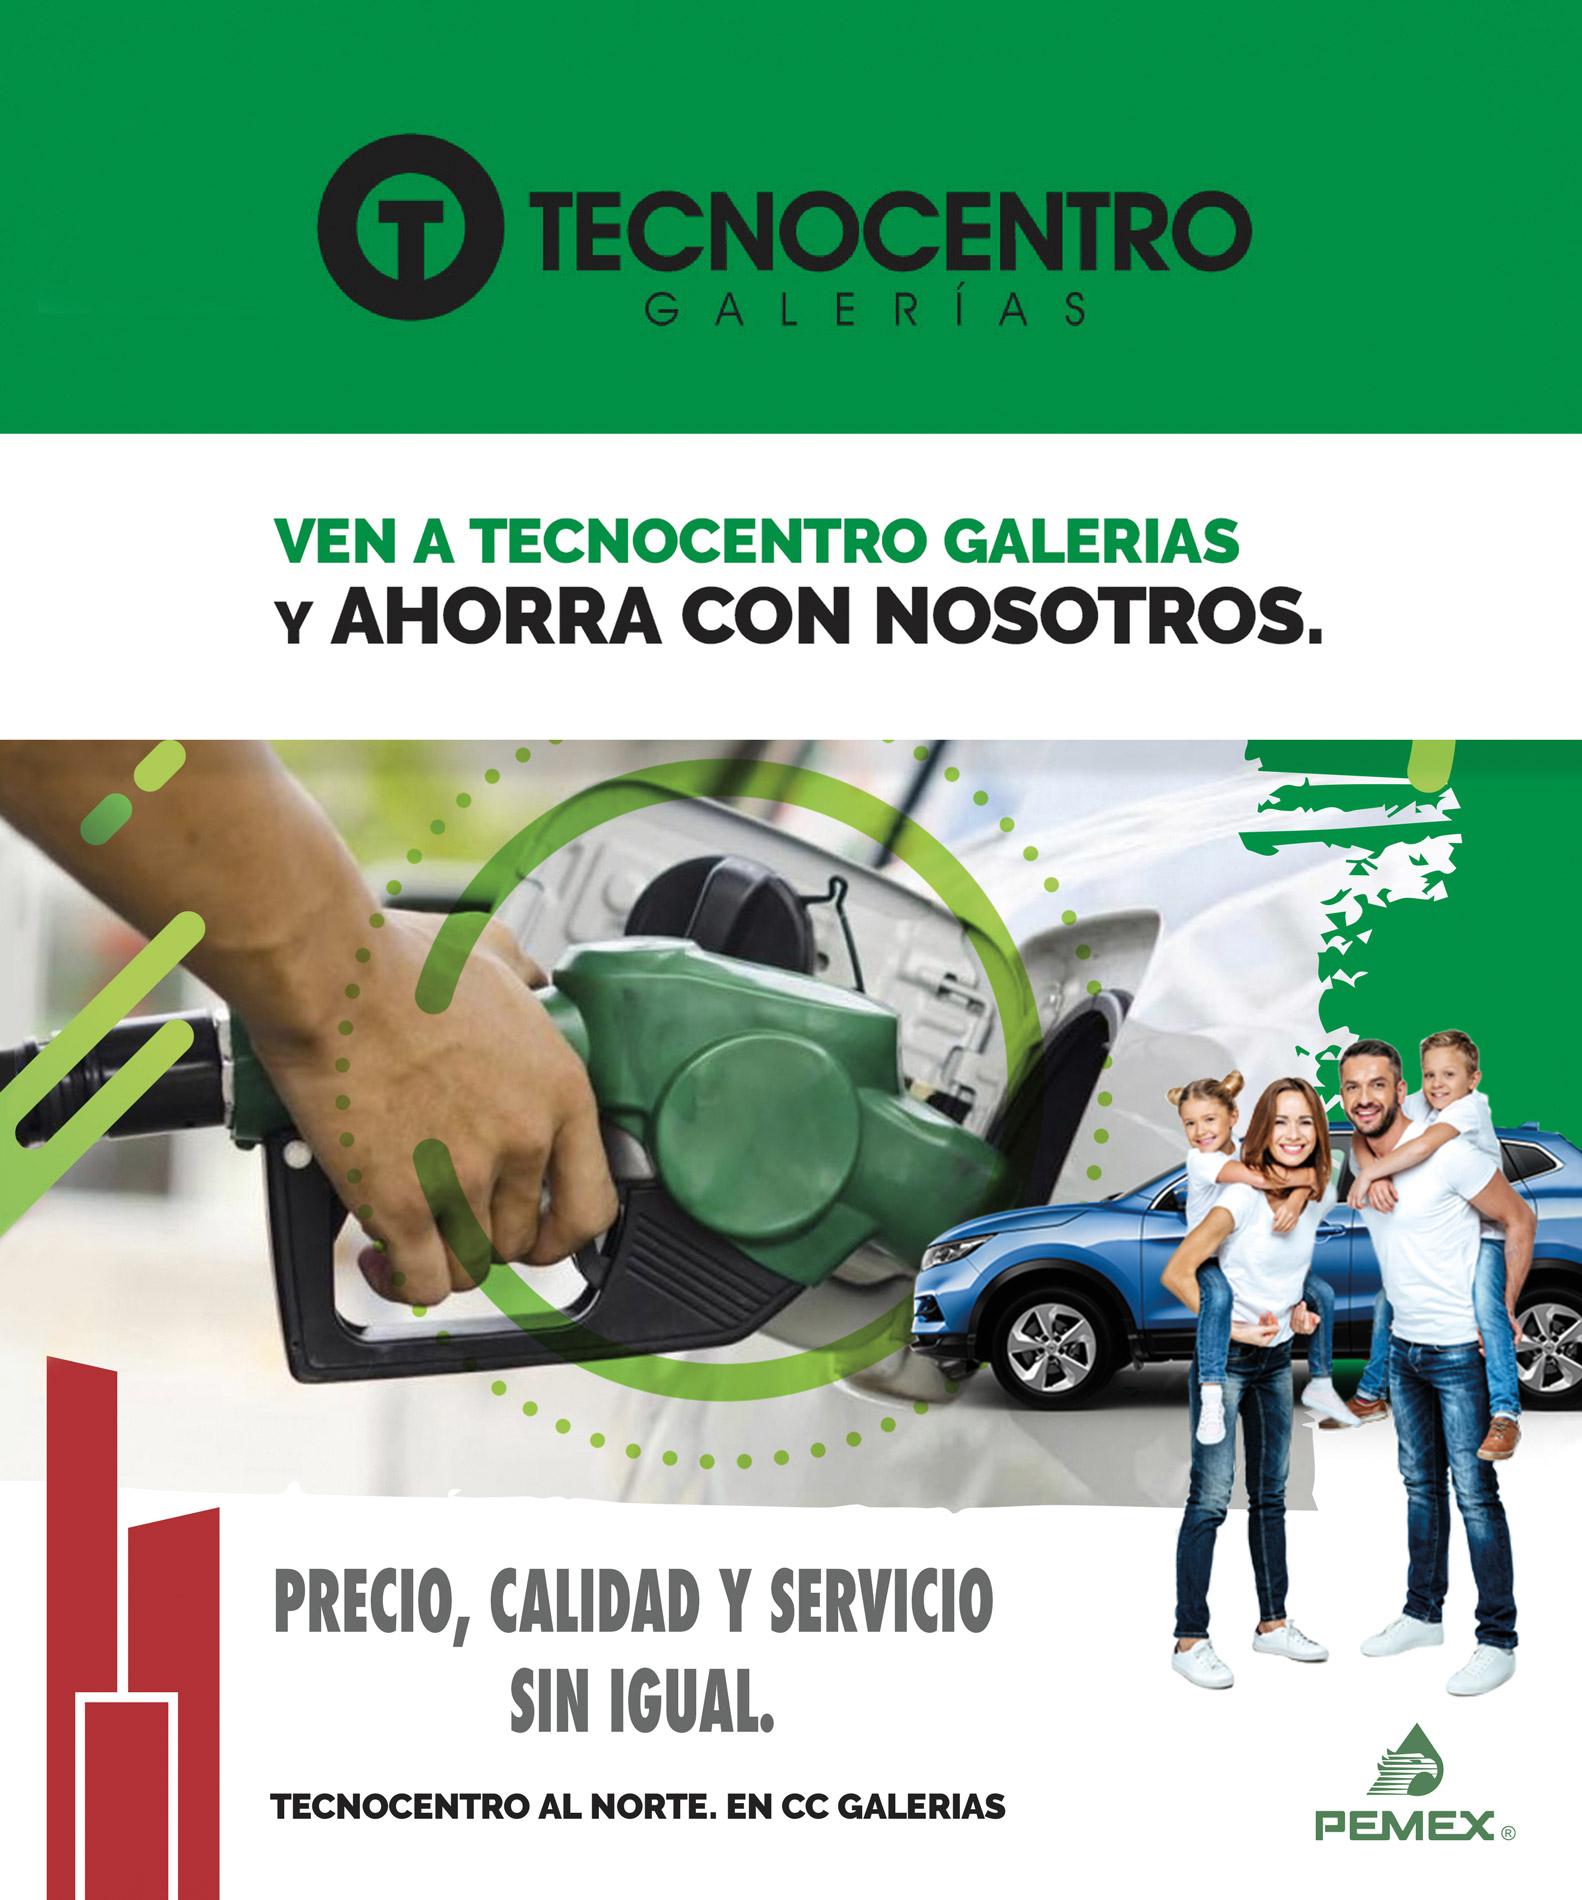 TECNOCENTRO-GALERIAS